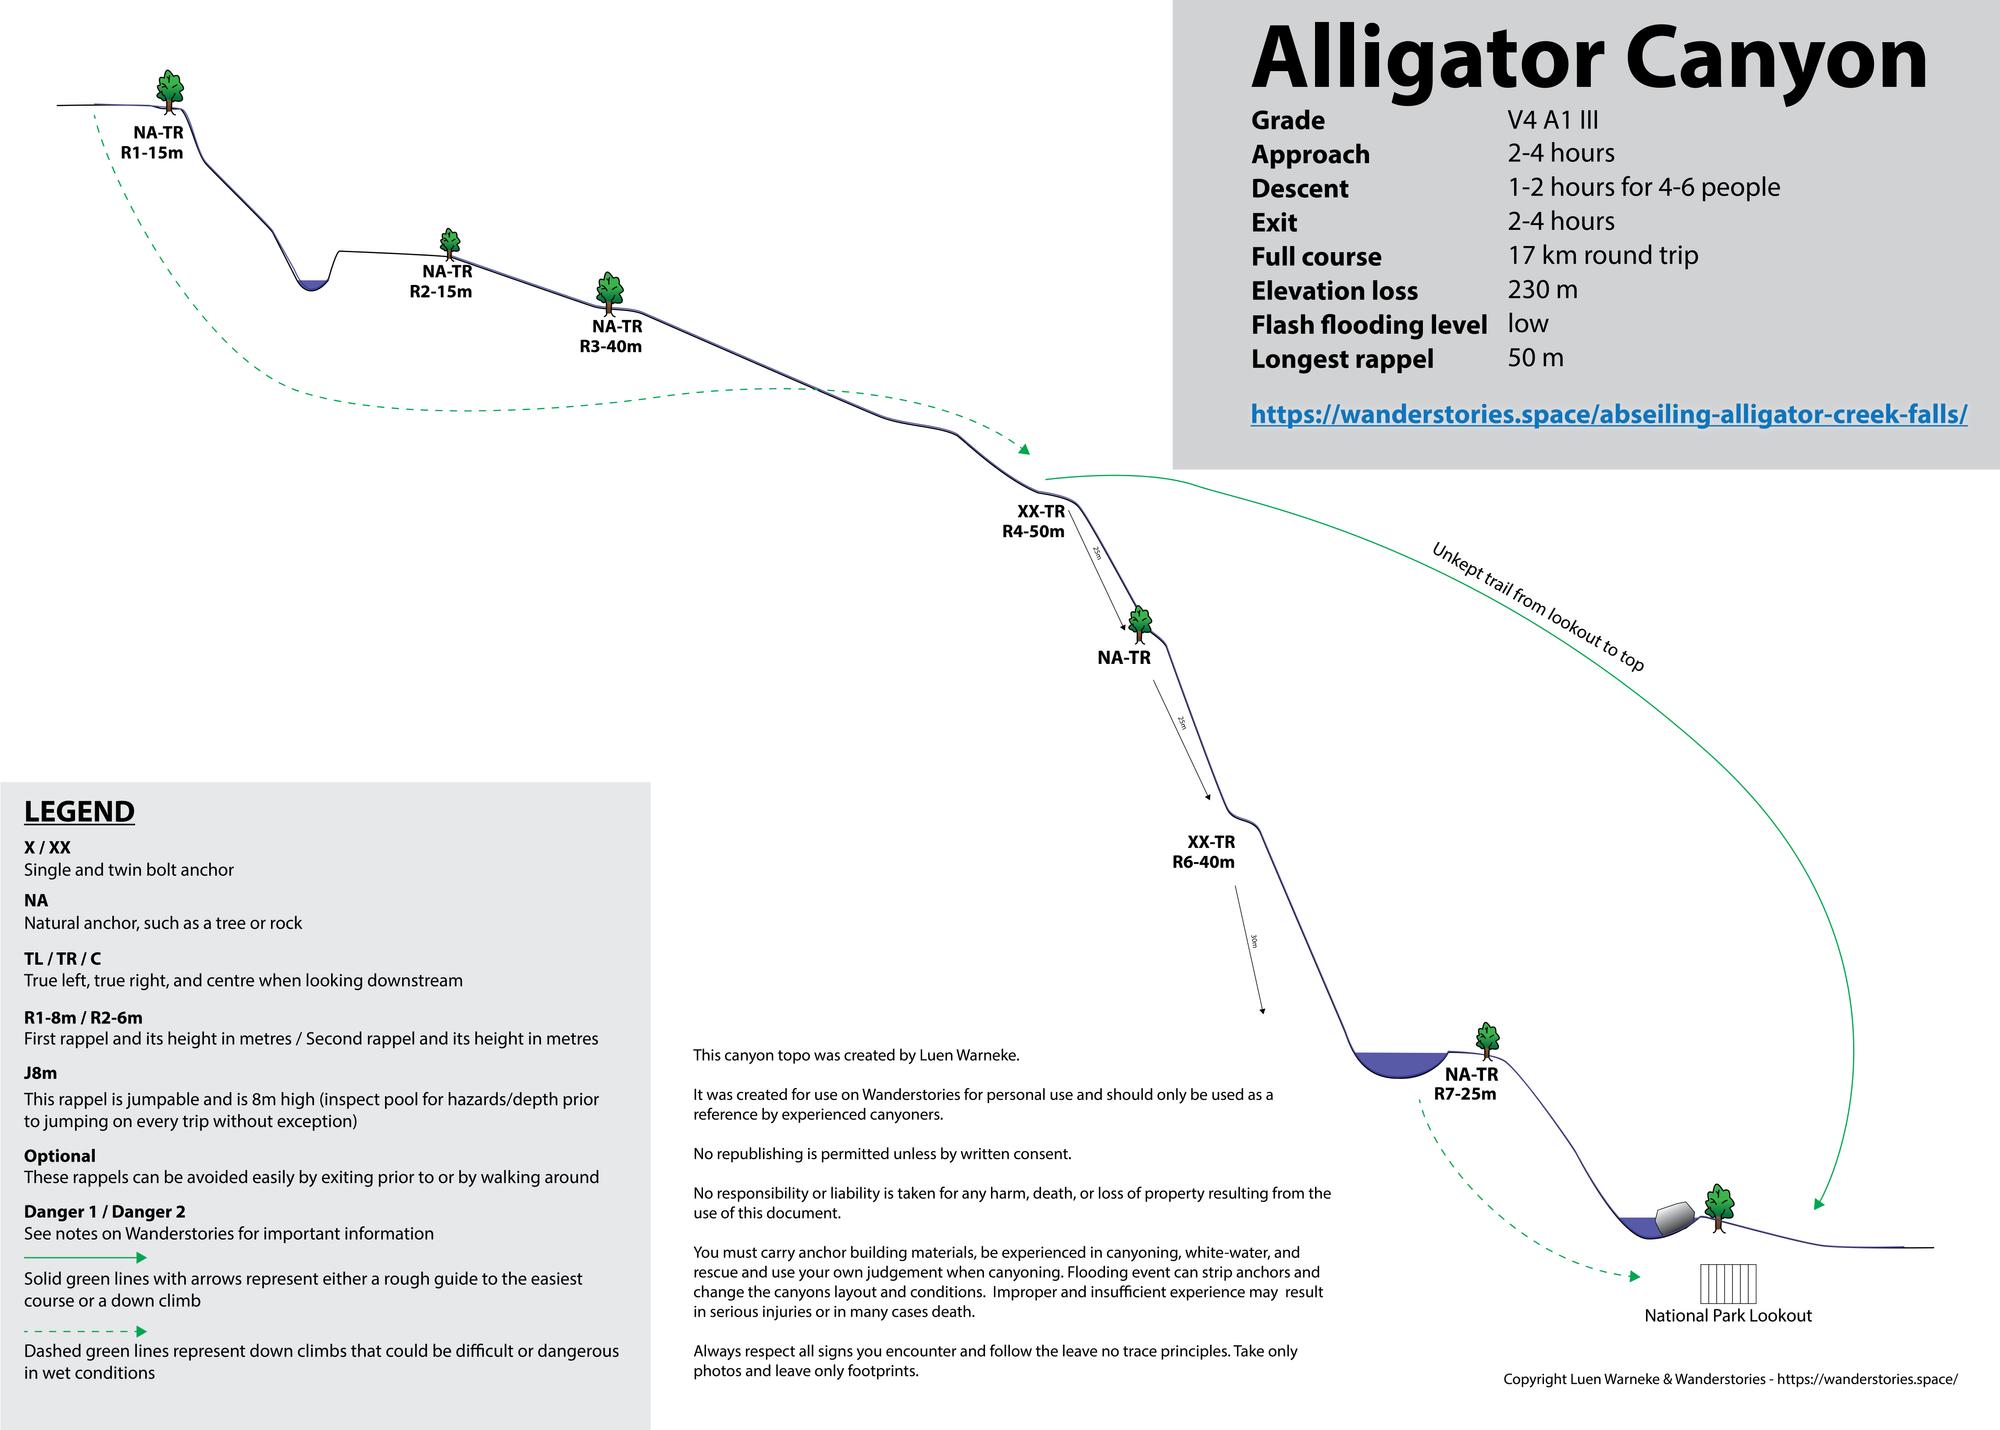 Alligator Canyon Topo 01 1